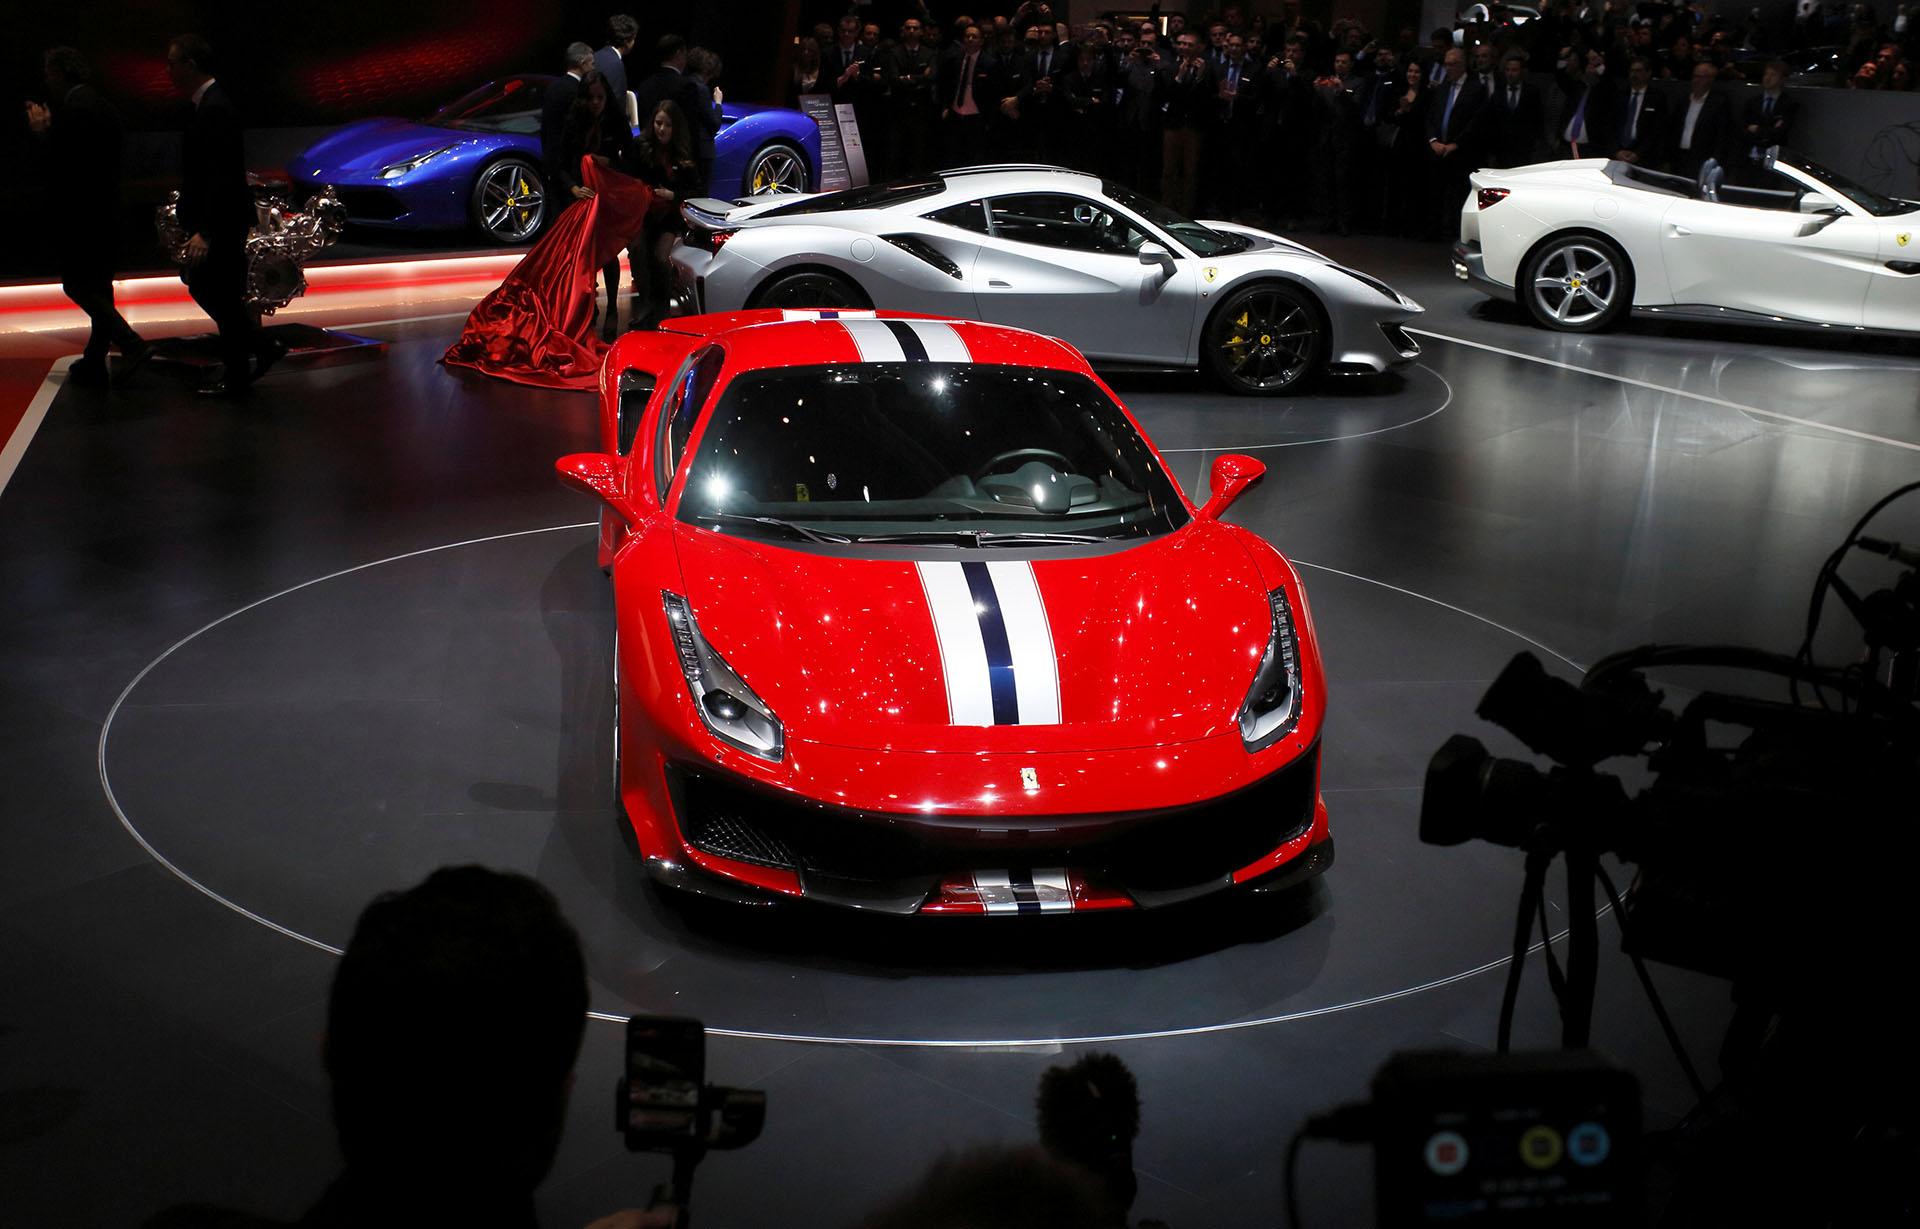 Es el deportivo con el motor V8 más salvaje en la historia de Ferrari: su potencia de 720 caballos de fuerza supera por 50 CV su versión base. También fue sometido a una estricta dieta en la que bajó 90 kilos por el uso de la fibra de carbono y el coeficiente aerodinámico